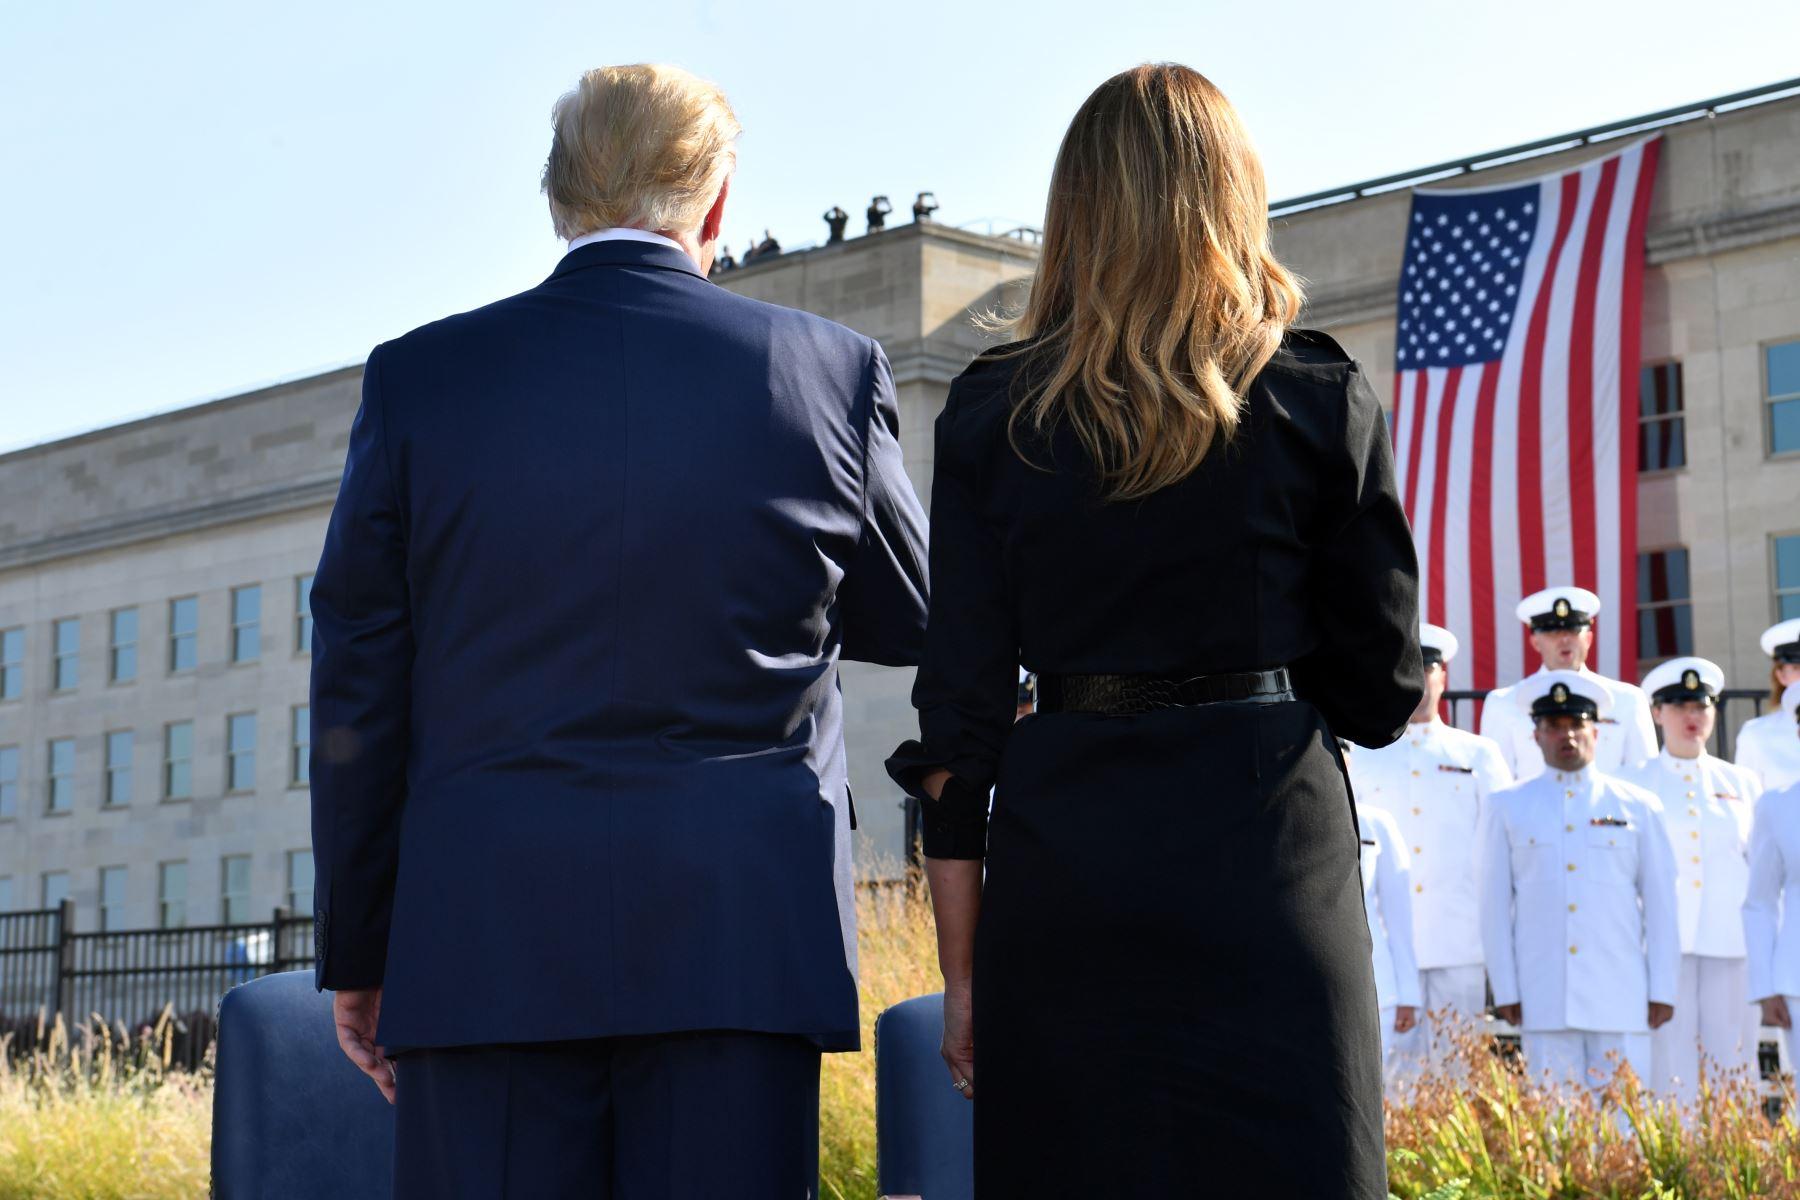 El presidente de los Estados Unidos, Donald Trump, y la primera dama Melania Trump se enfrentan a la bandera de los Estados Unidos durante una ceremonia que marca el 18 aniversario de los ataques del 11 de septiembre, en el Pentágono en Washington, DC.  Foto: AFP